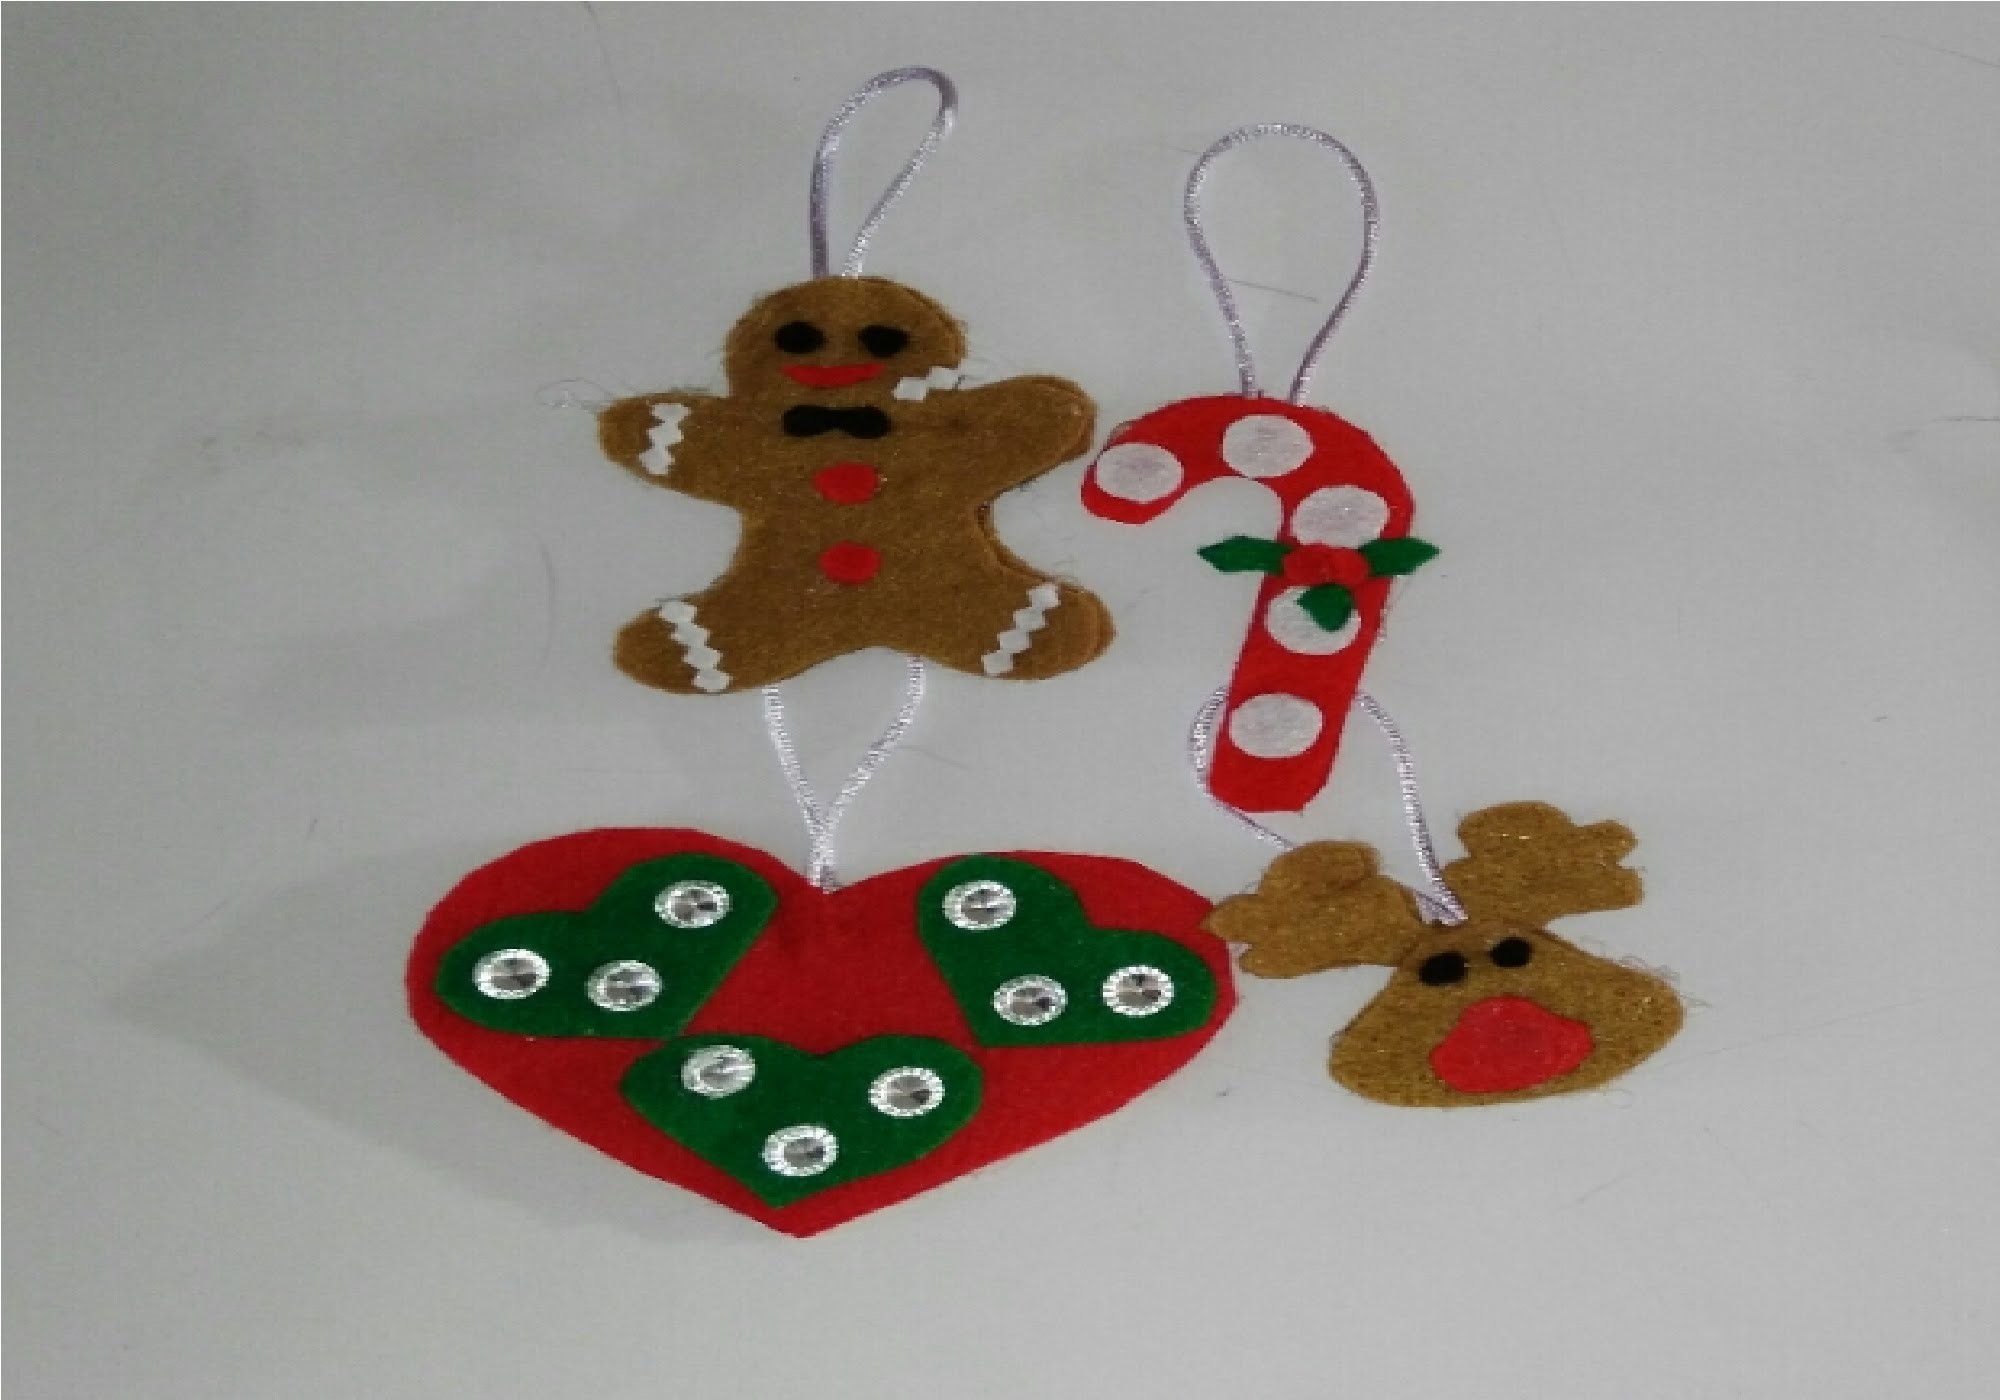 Como hacer adornos navideños para el arbol de navidad manualidades tutorial DIY